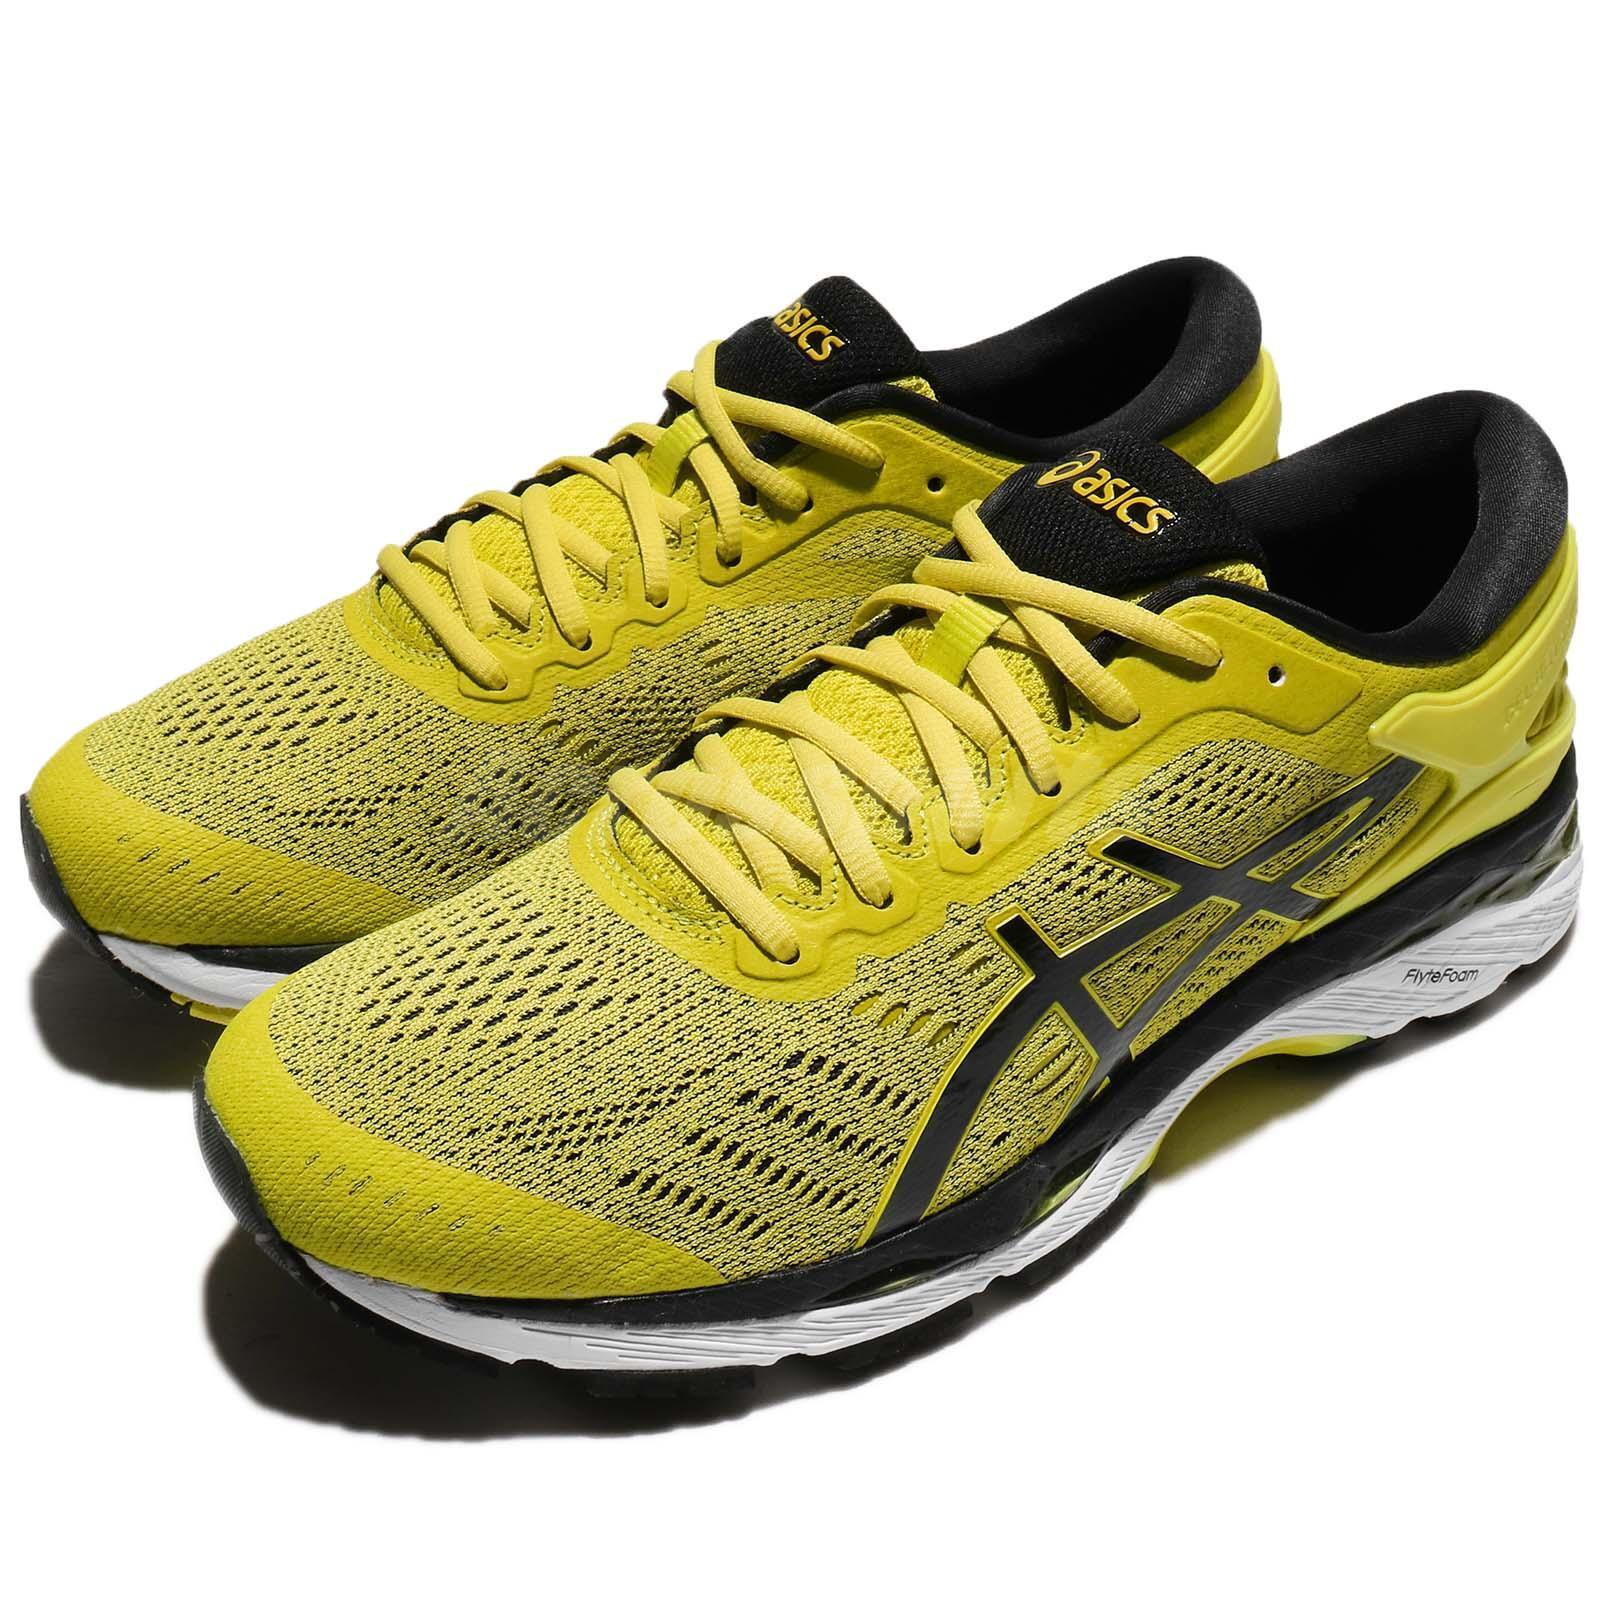 Asics Gel-Kayano 24 azufre amarillo negro zapatos de entrenamiento para hombres T749N-8990